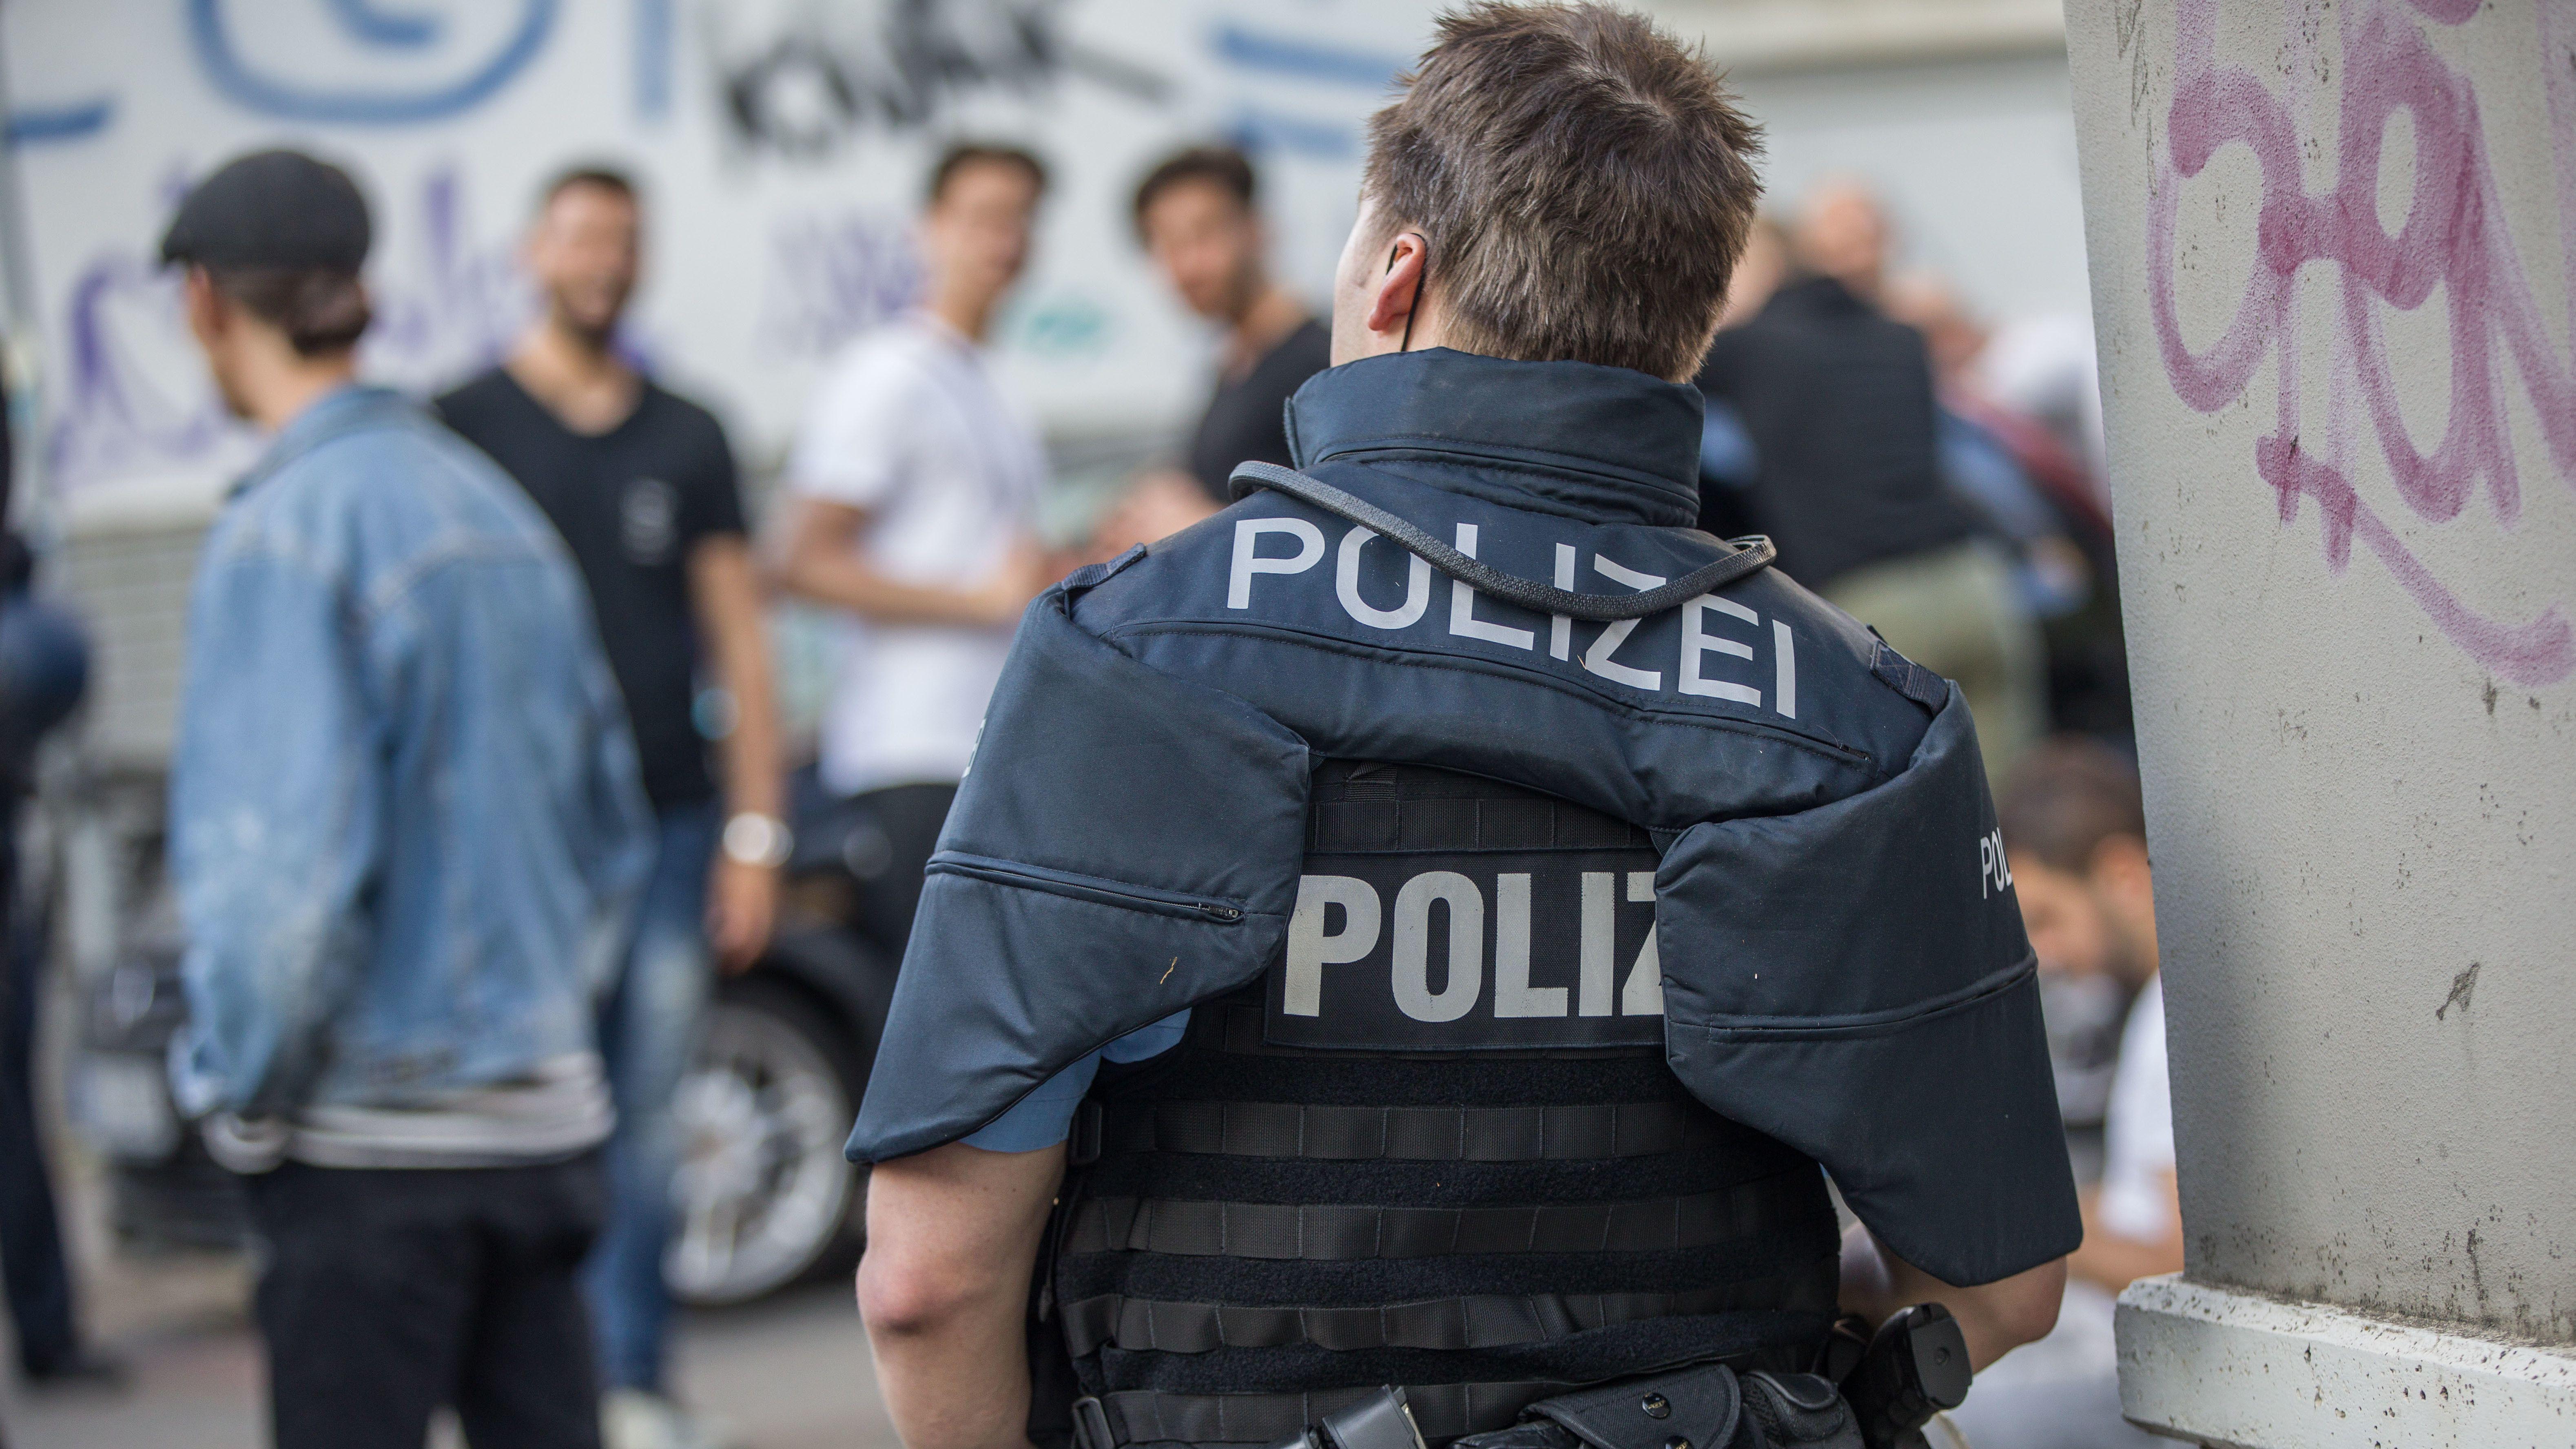 Polizisten zunehmend Opfer von Gewalt